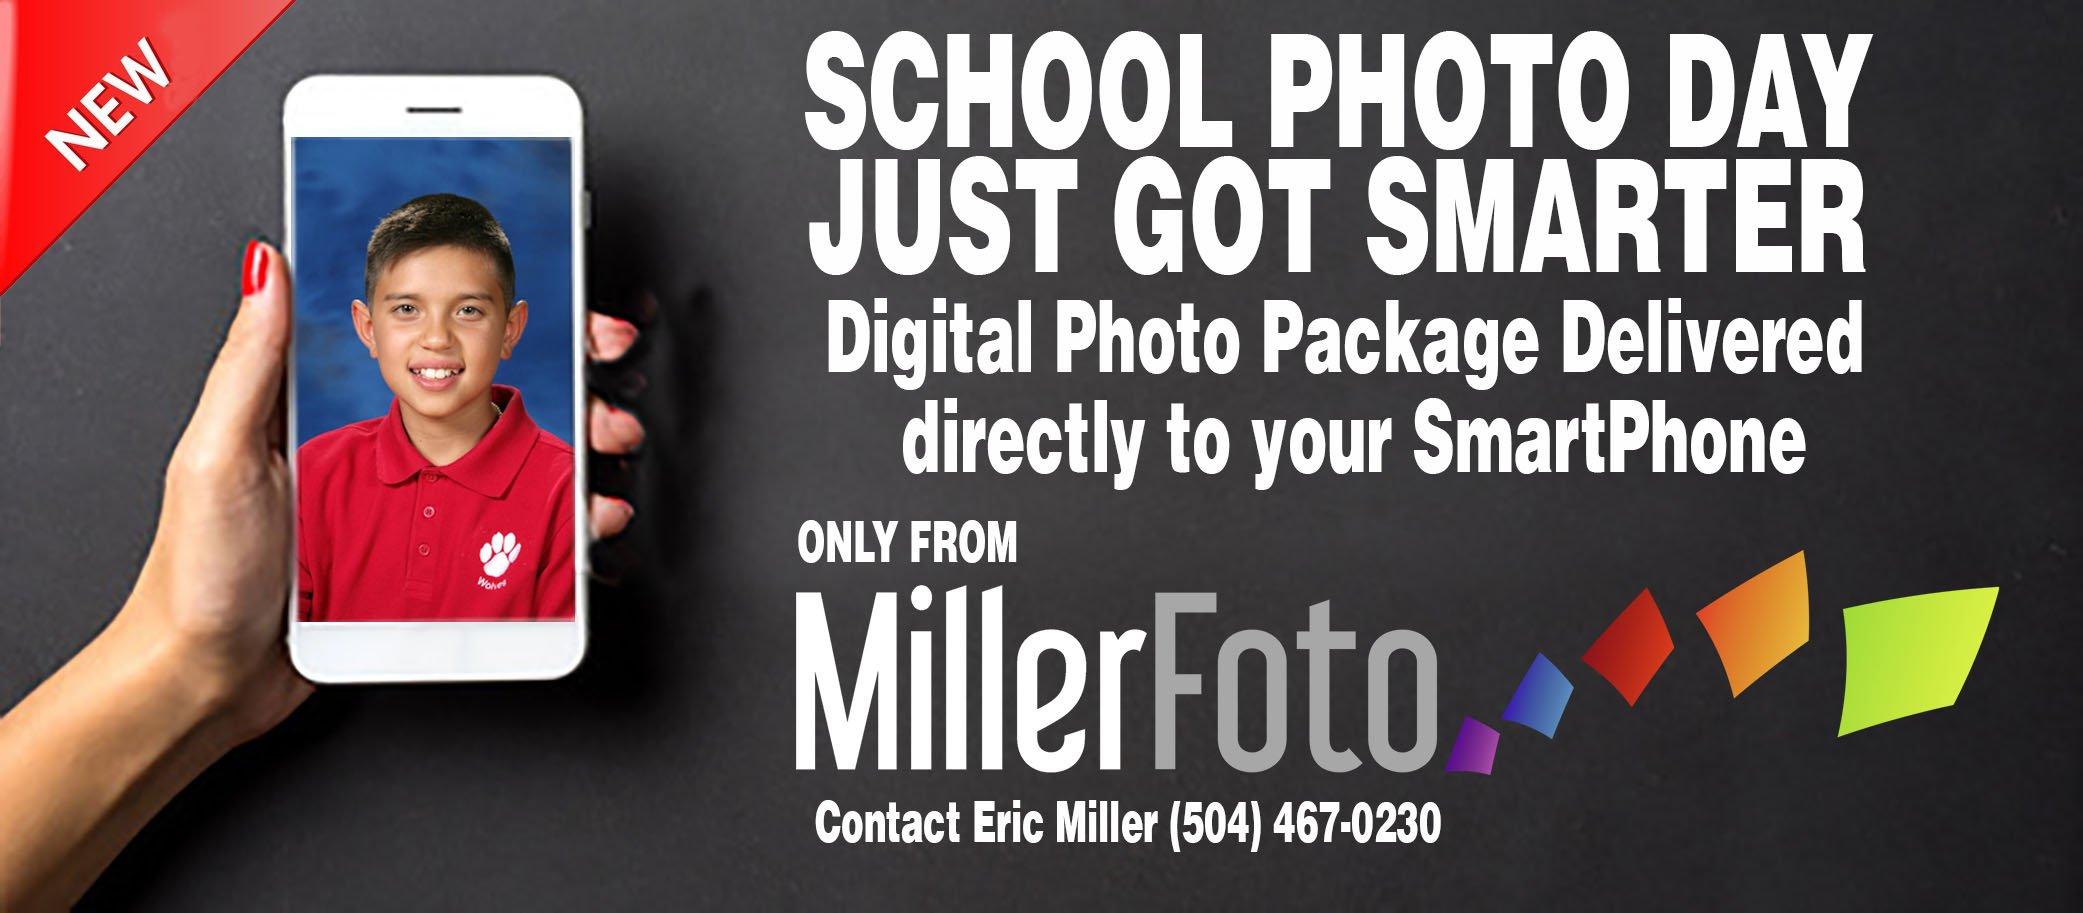 MillerFoto